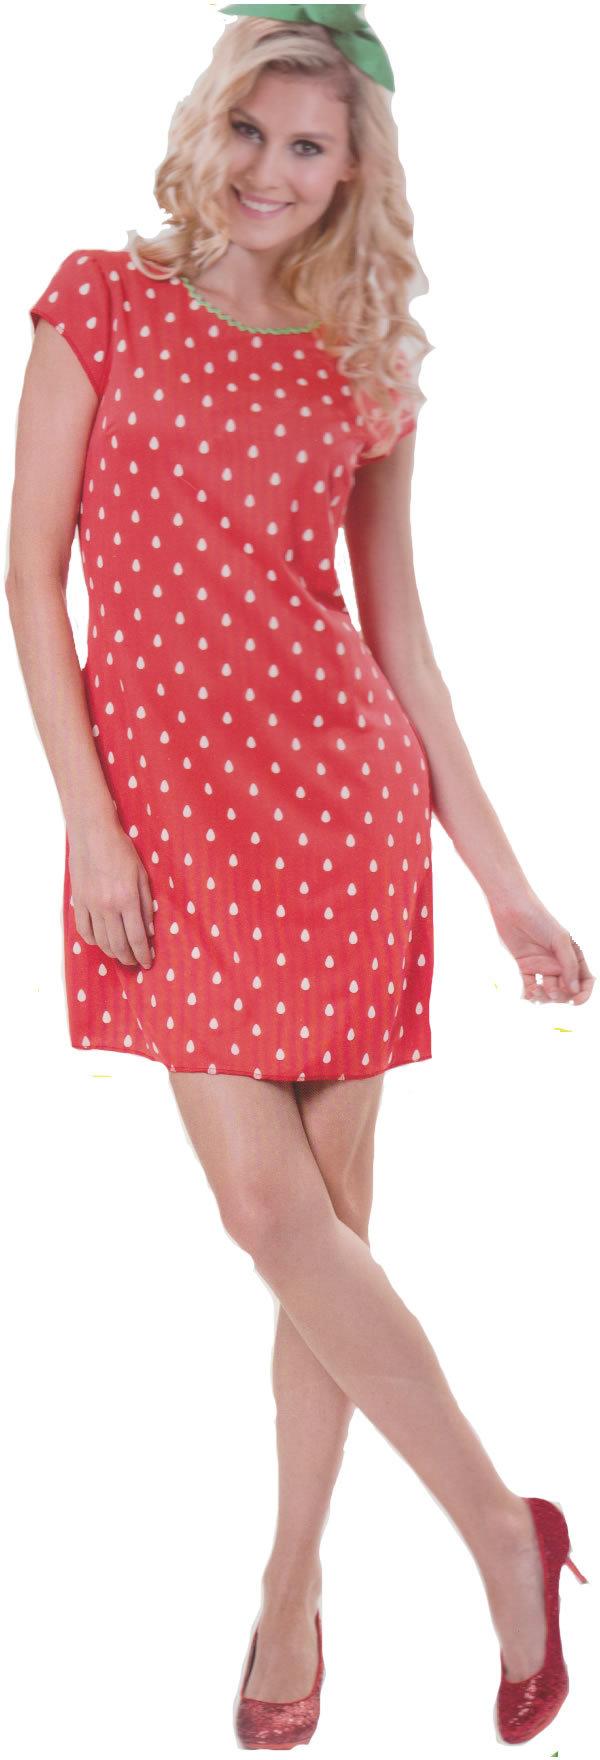 e09aa0e82367f9 Damen Kostüm Verkleidung für Karneval Fasching Halloween Parties -  Erdbeer-Lady